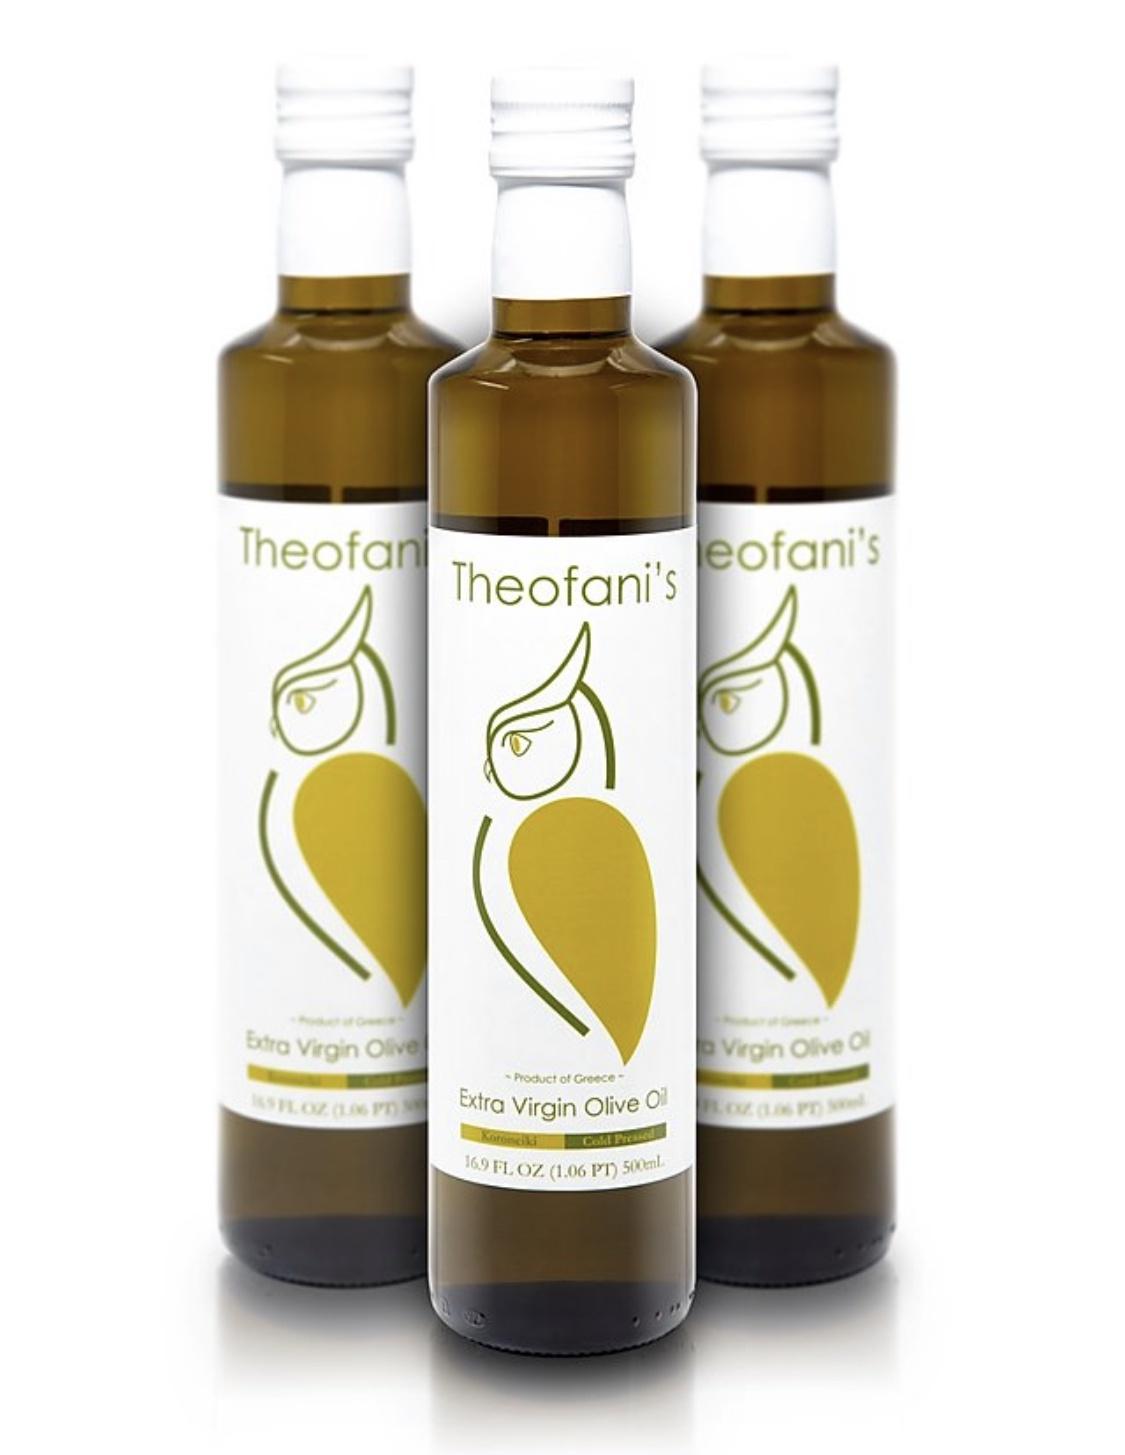 Theofani's Extra Virgin Olive Oil